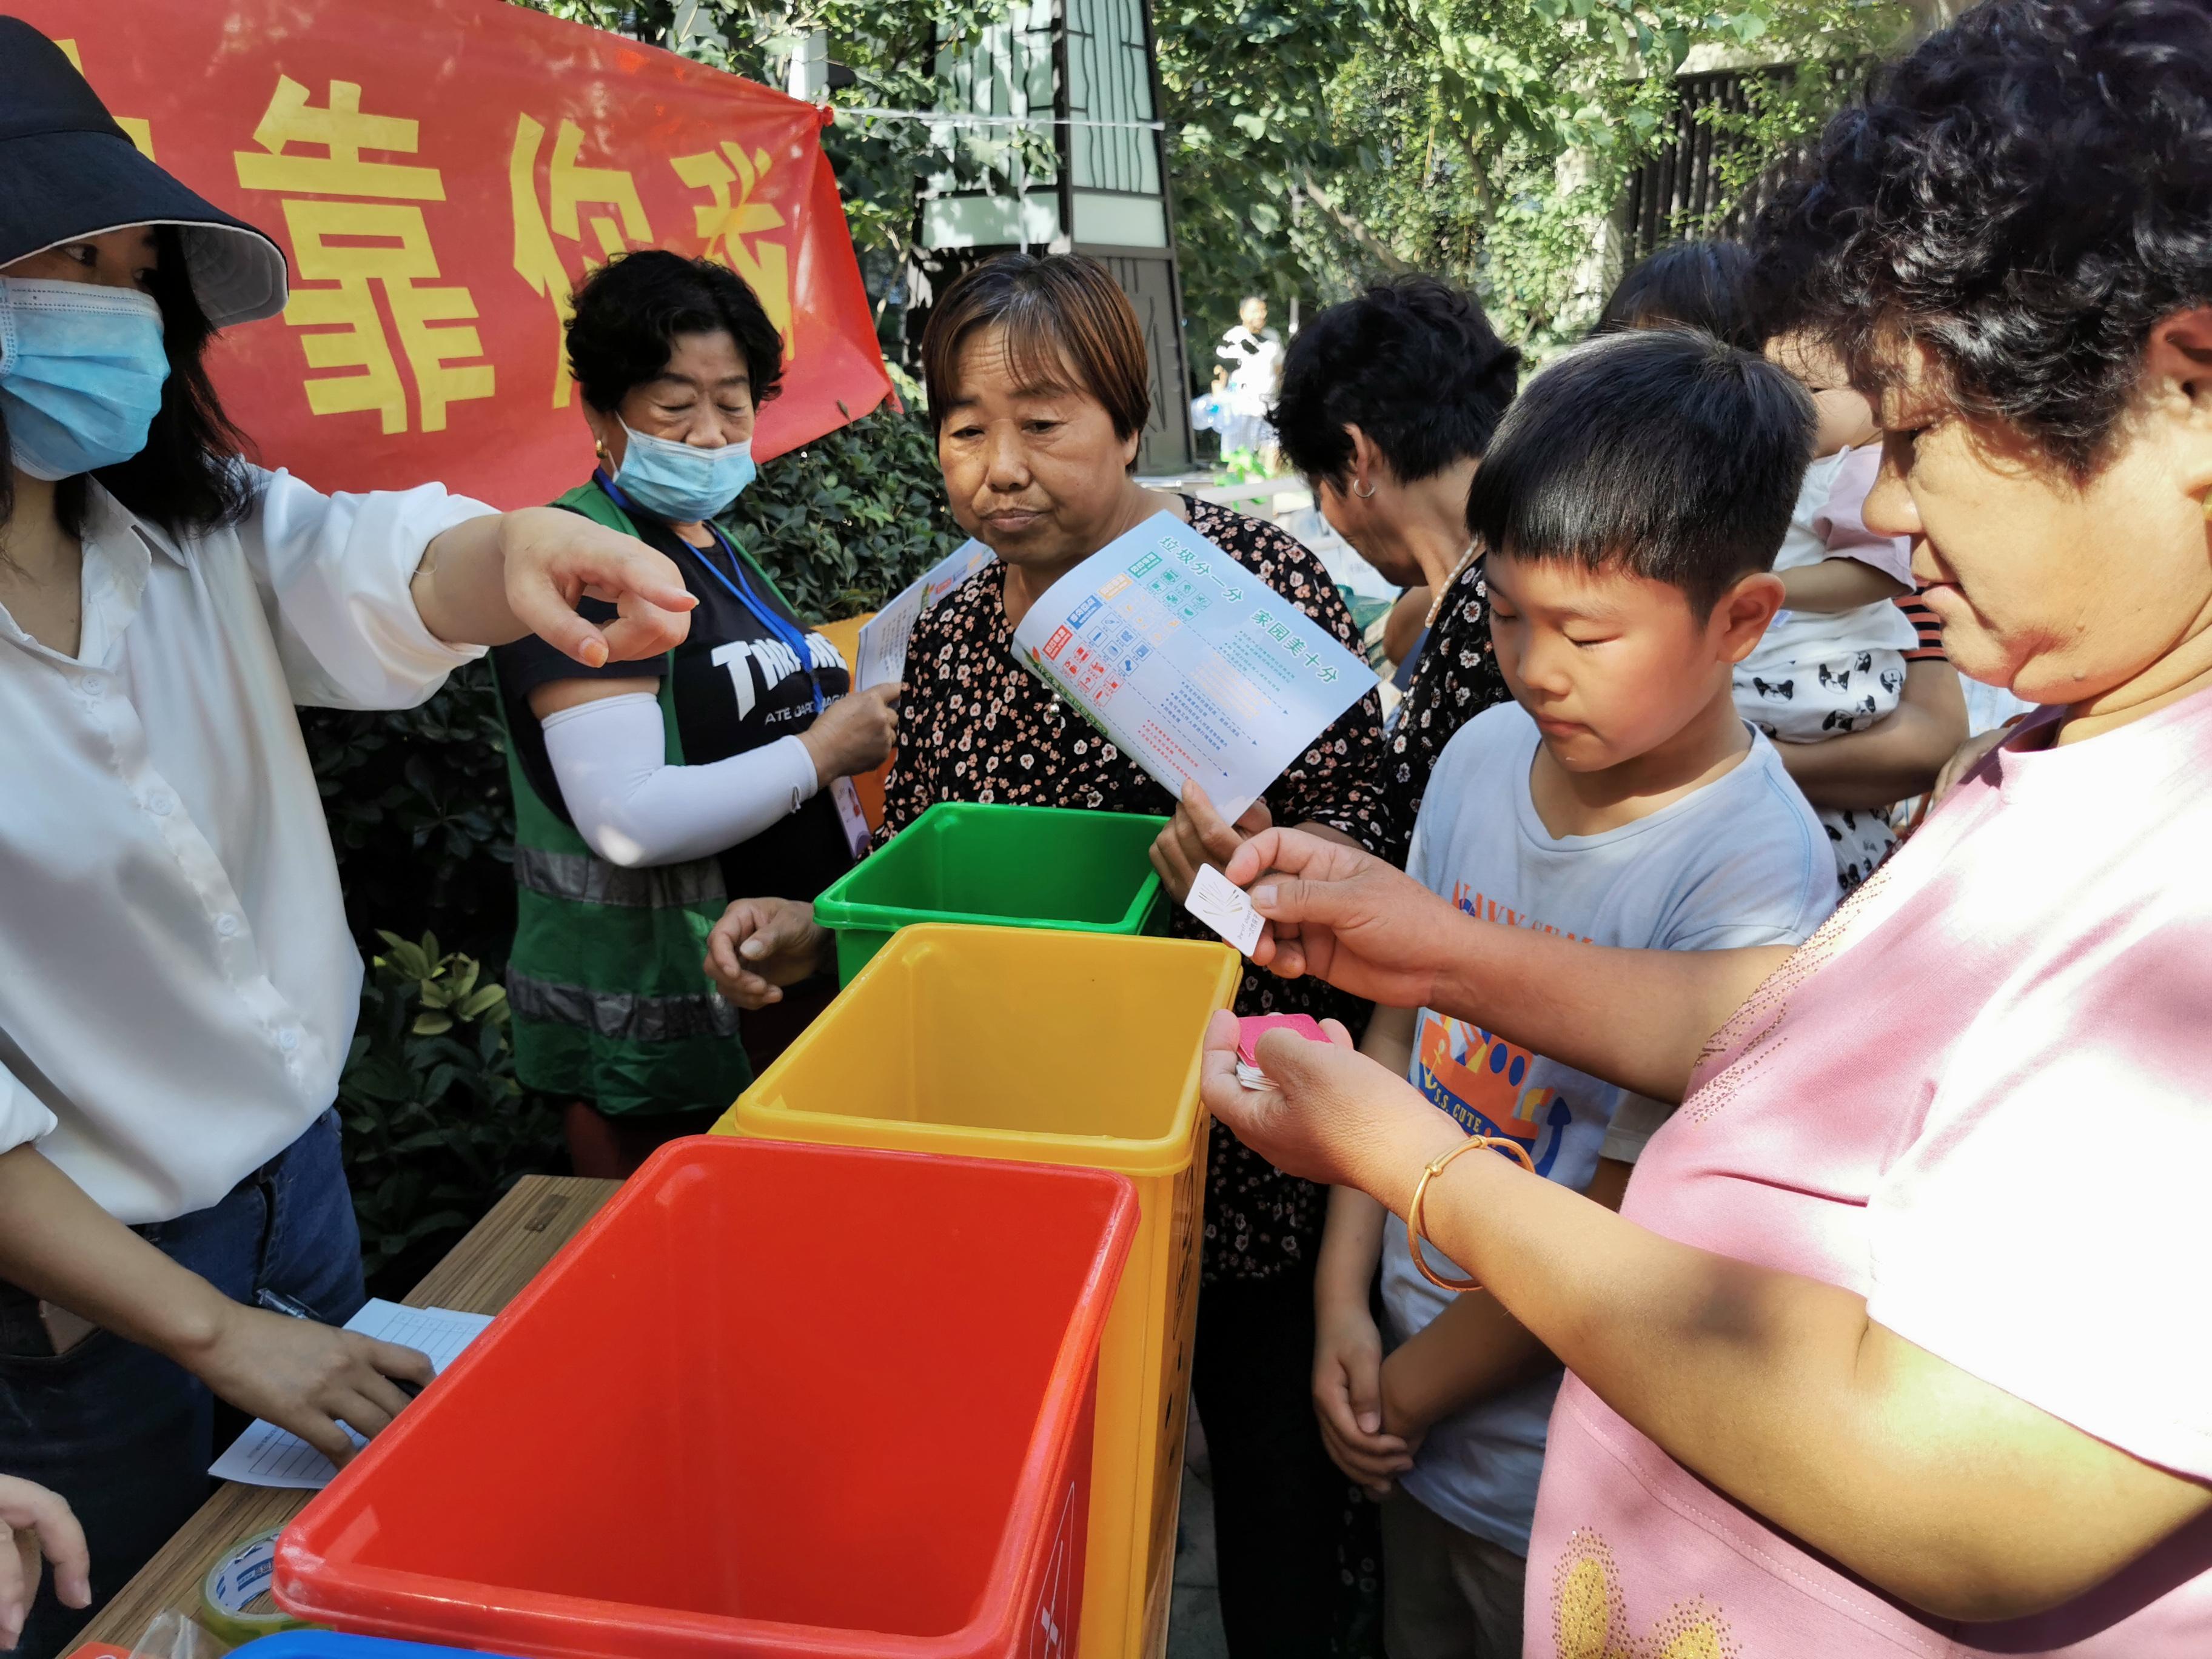 郑州管城回族区 党建引领:垃圾分类益处多,环境保护靠你我